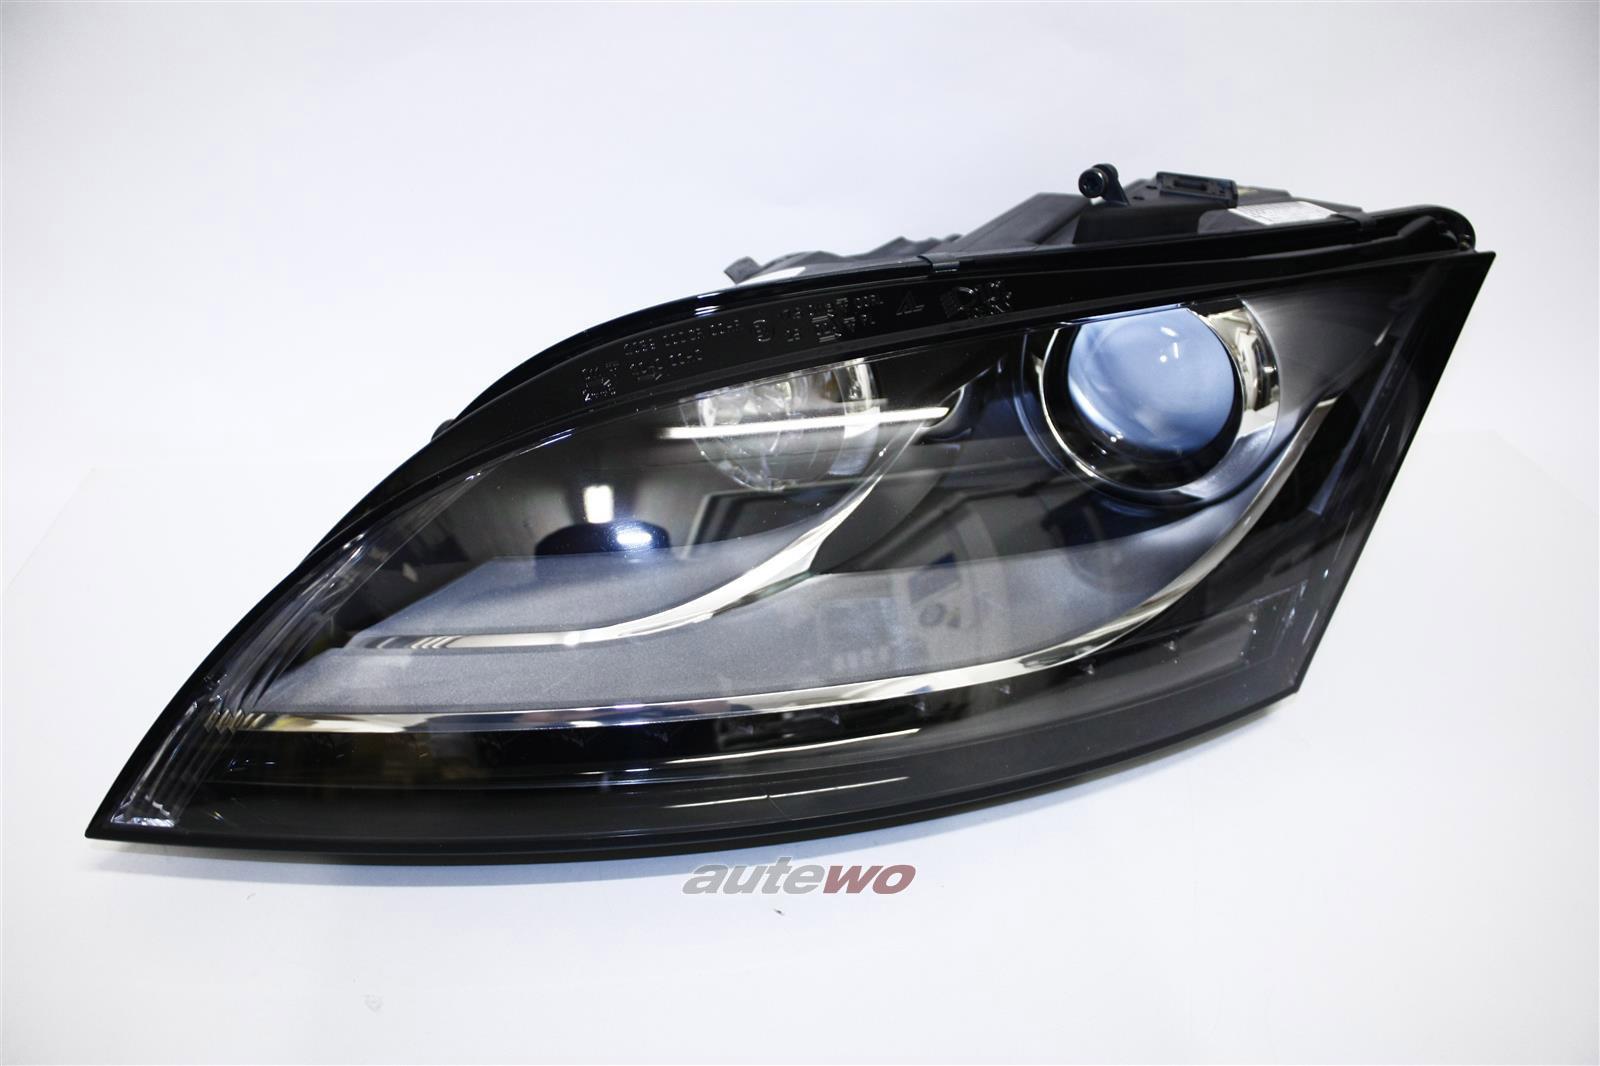 8J0941029AN NEU&ORIGINAL Audi TT/TTS/TTRS 8J Bi-Xenon-Scheinwerfer RHD Links